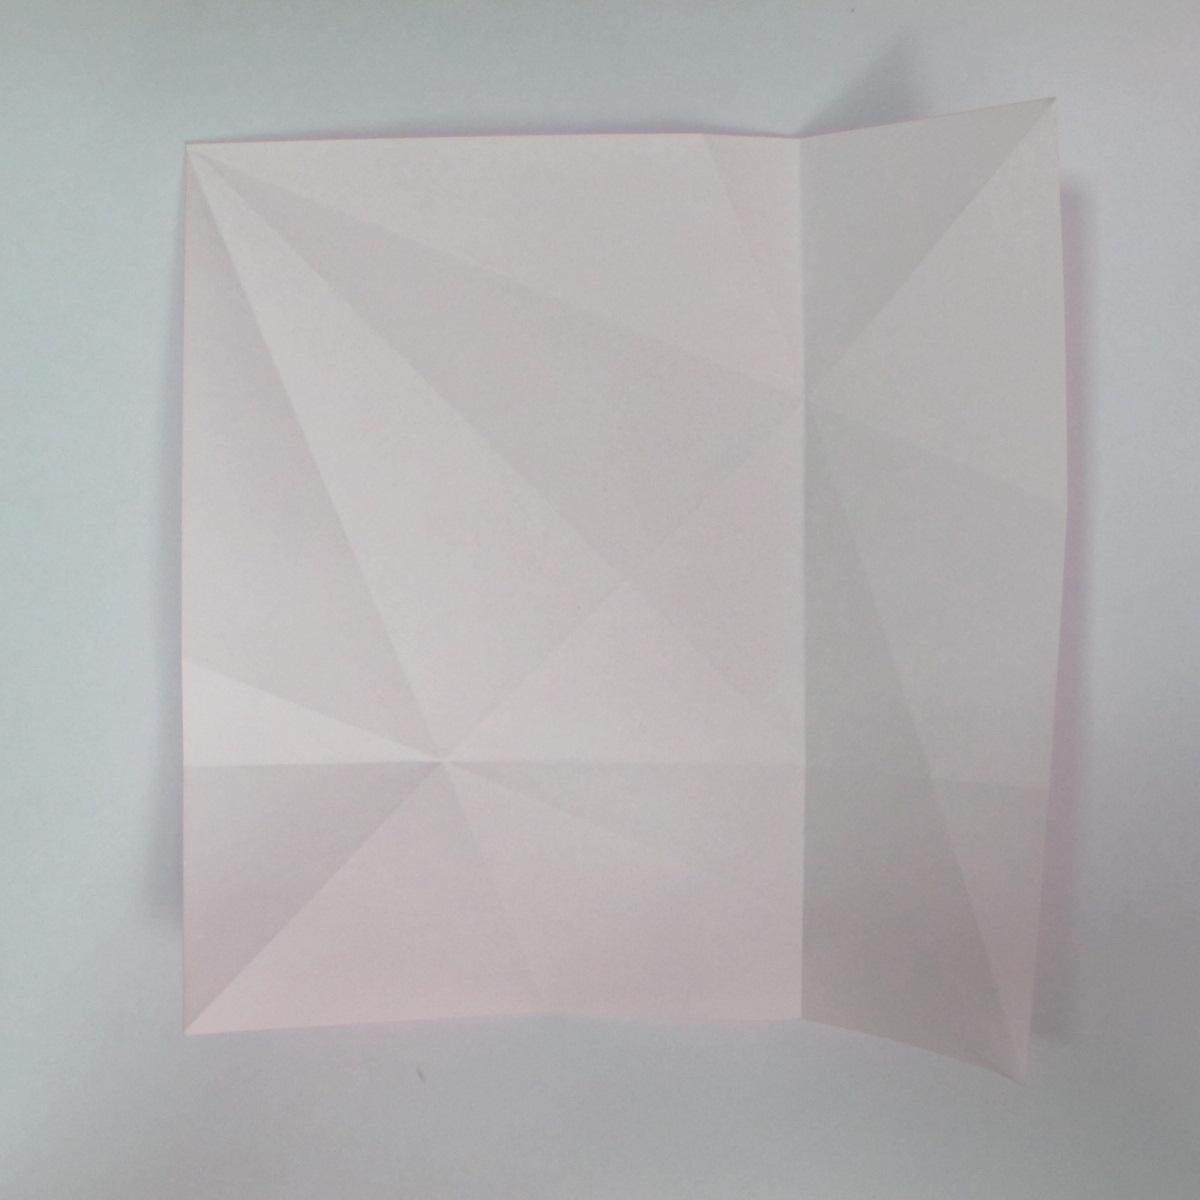 สอนการพับกระดาษเป็นลูกสุนัขชเนาเซอร์ (Origami Schnauzer Puppy) 011